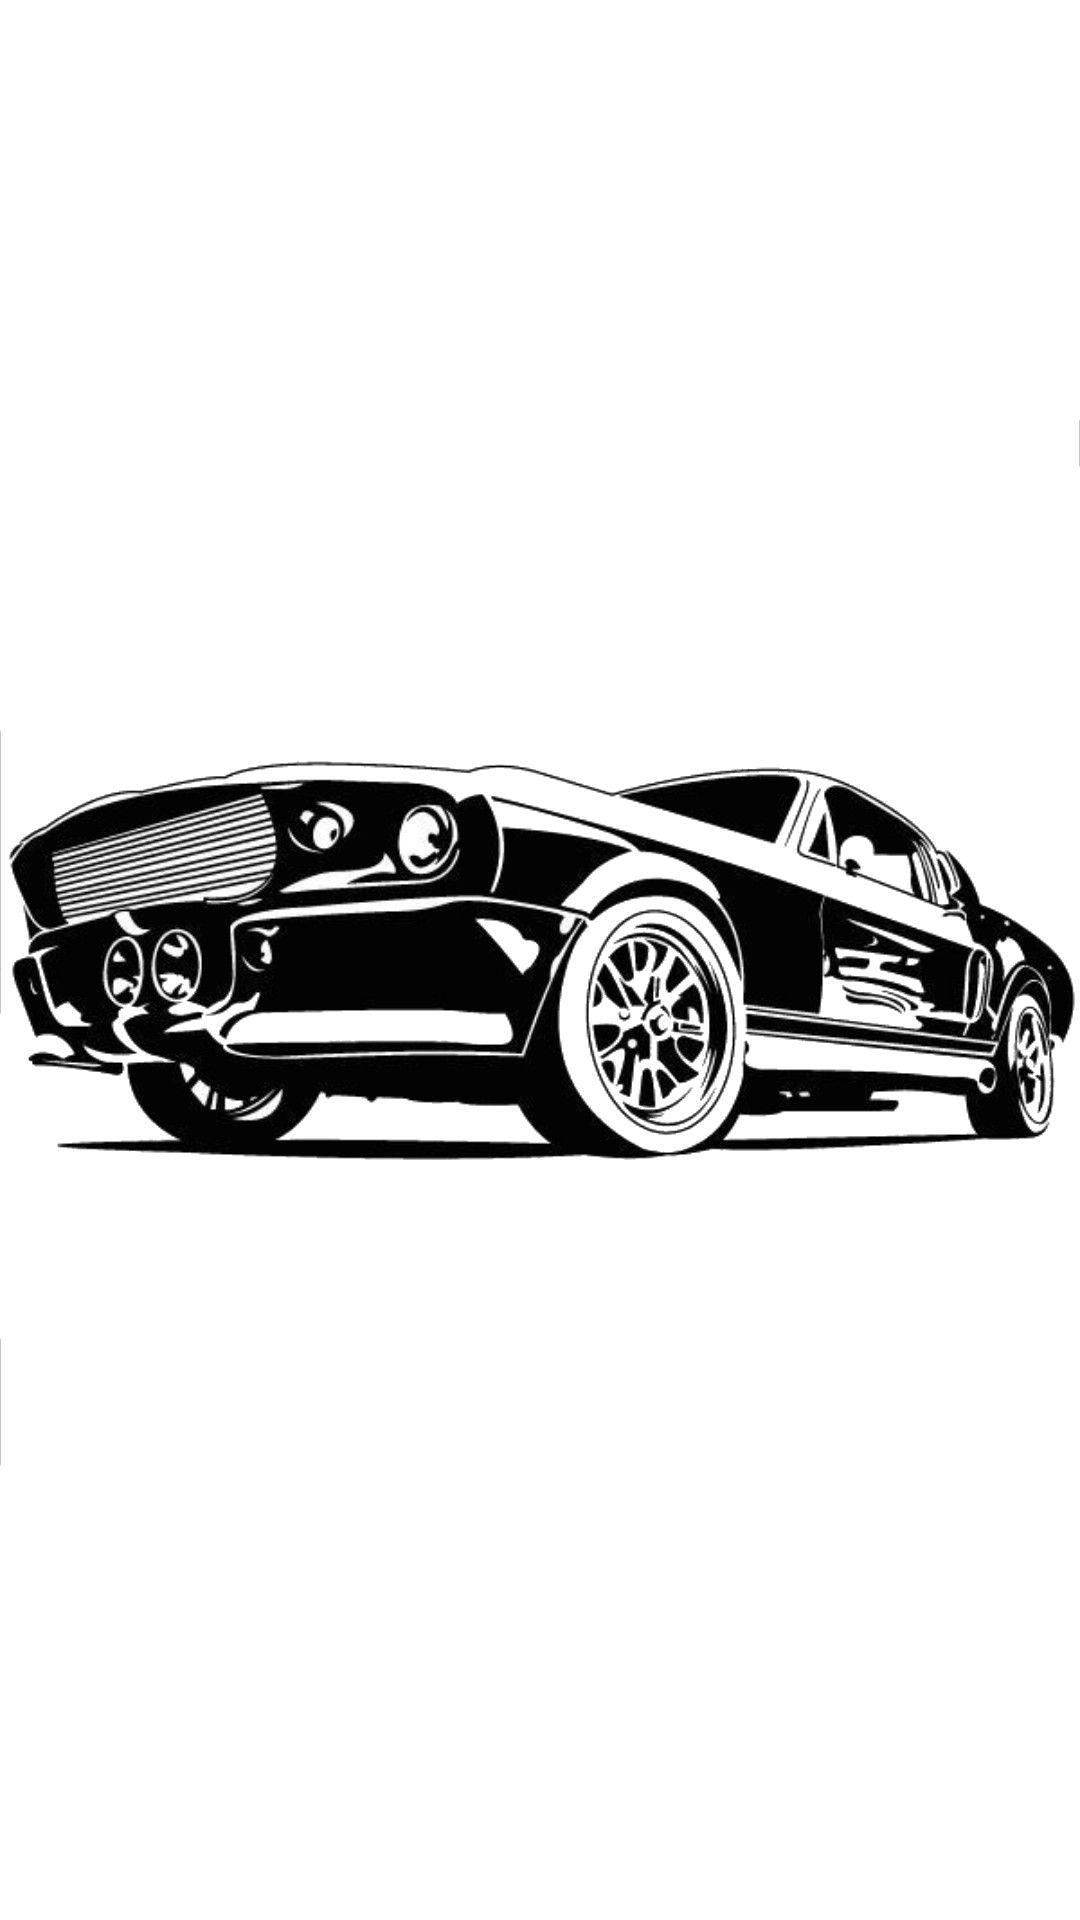 Pin By Pablo Romero On Car Art Car Artwork Car Drawings Car Cartoon